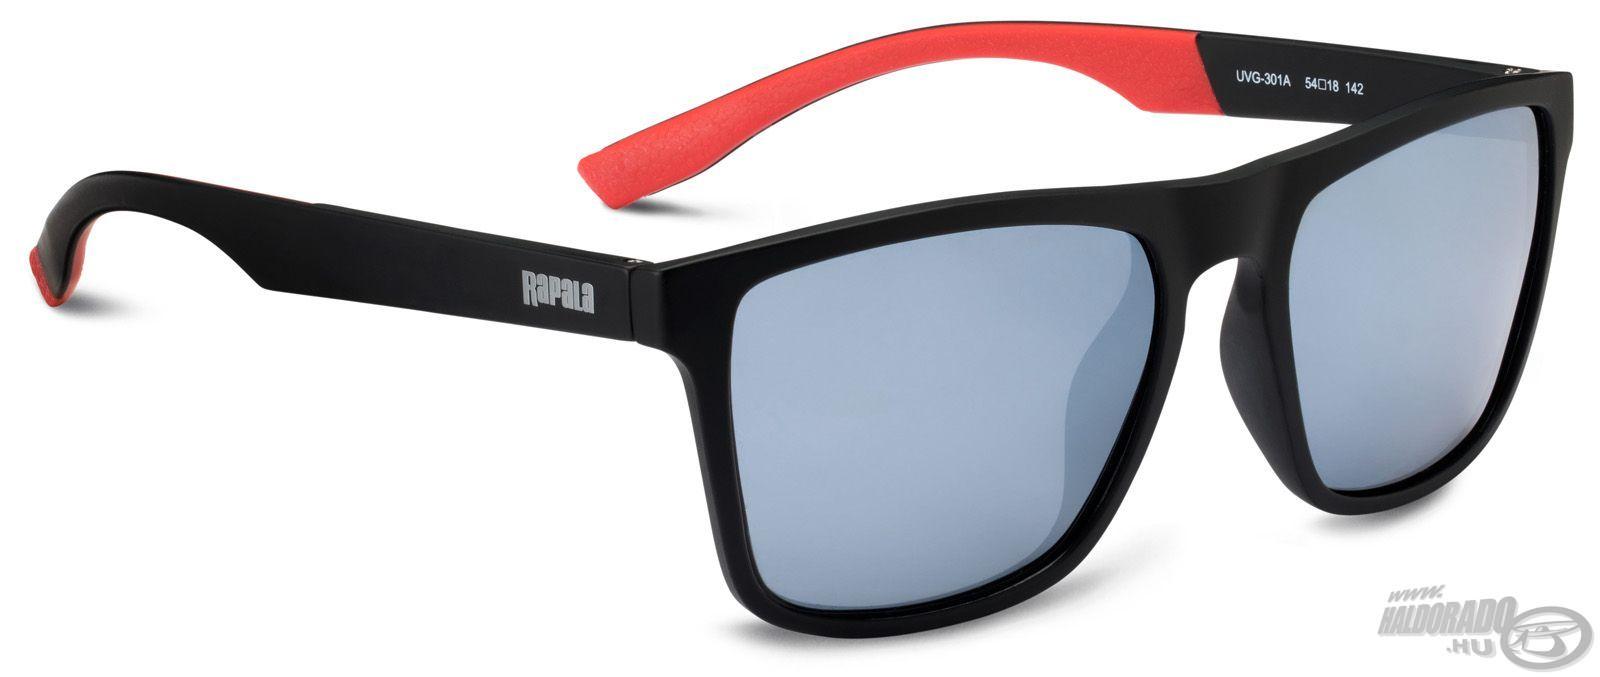 A Sportsman's UVG-301A napszemüveg igazán divatos fekete kerettel, belül piros szárakkal illetve szürke színű tükörbevonatos lencsével rendelkezik